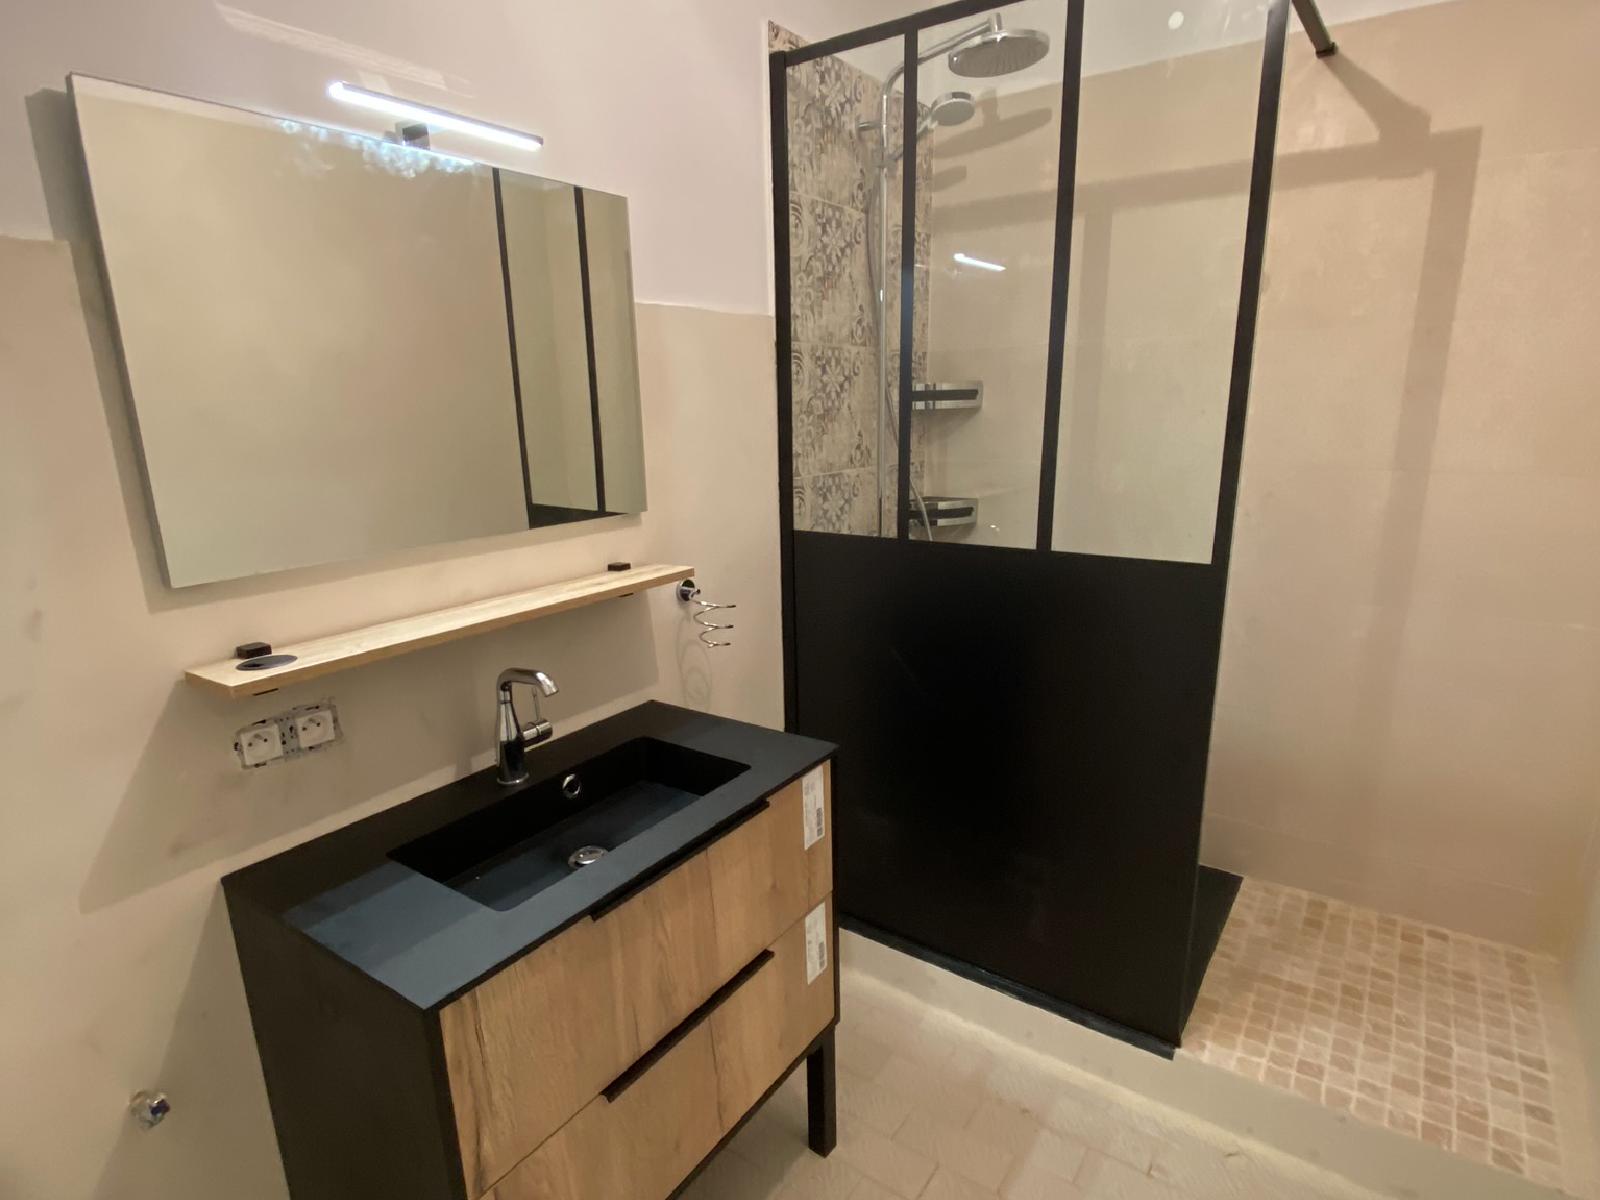 rénovation salle de bain réalisée par équipe cévenole alès